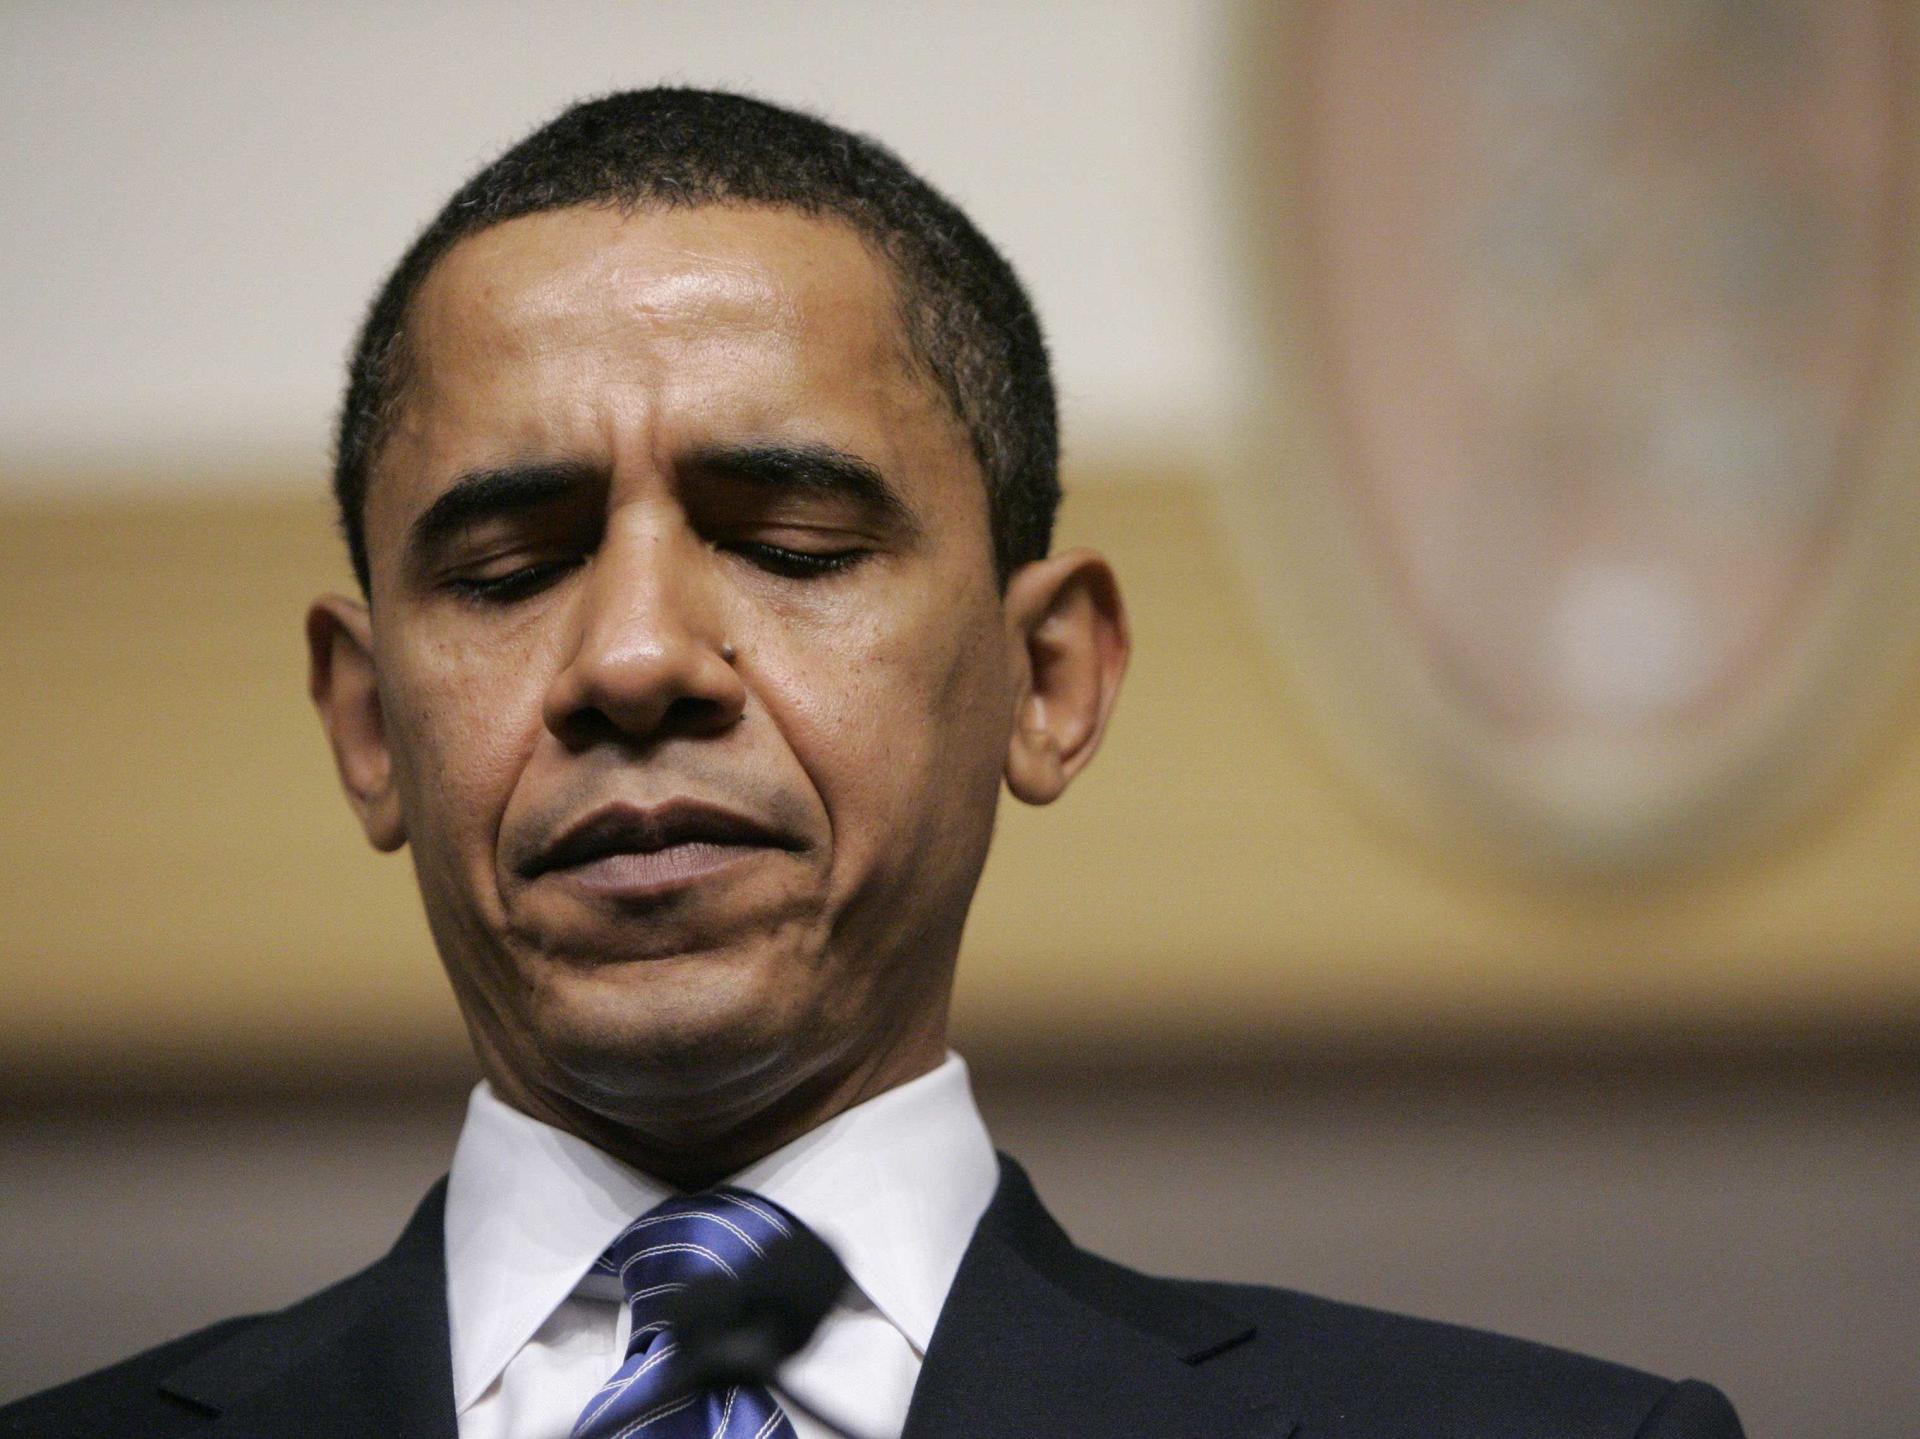 Обнародованы интимные письма Обамы к его подруге